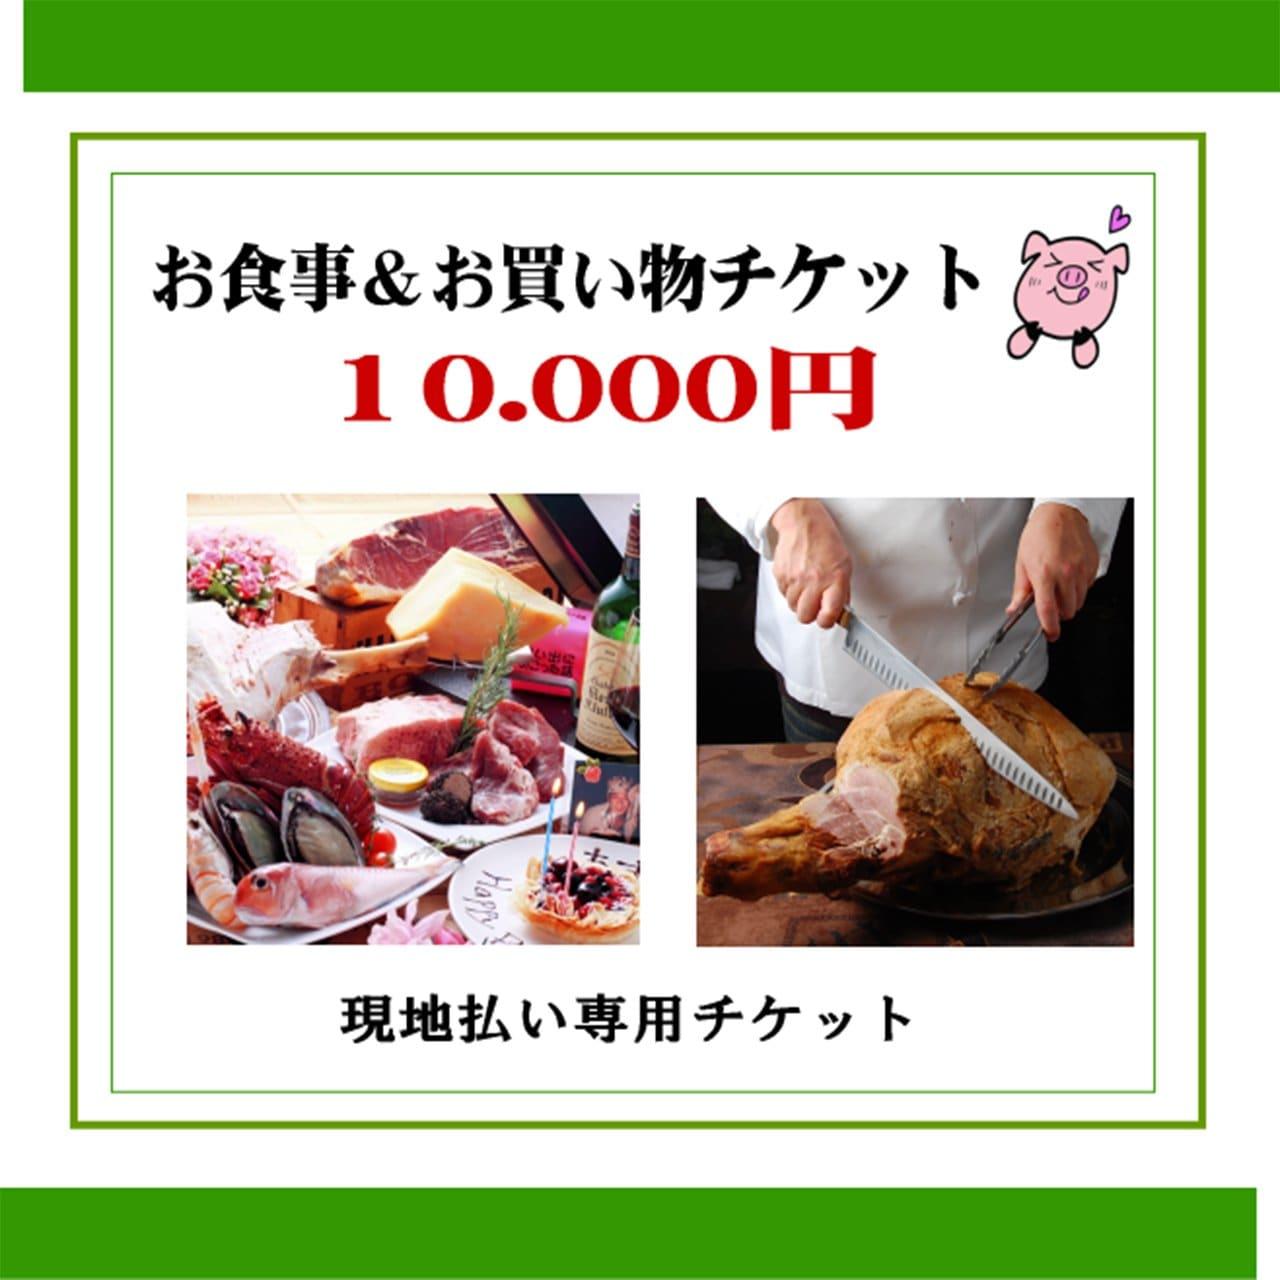 10,000円お食事&お買い物チケット【店頭受け取り限定】のイメージその1